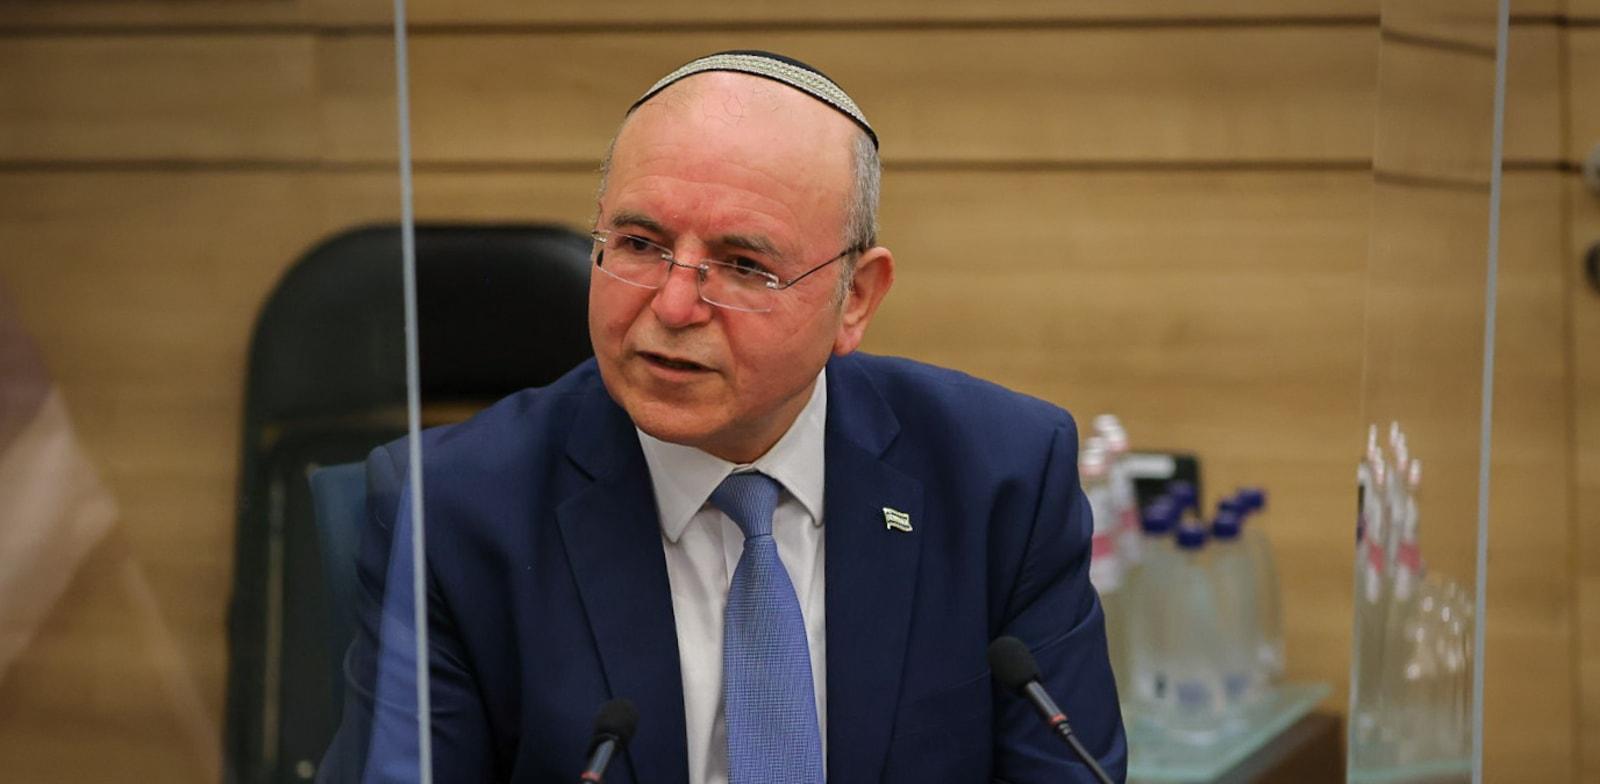 מאיר בן שבת בישיבת הפרידה בוועדת החוץ והביטחון / צילום: דוברות הכנסת, נועם מושקוביץ